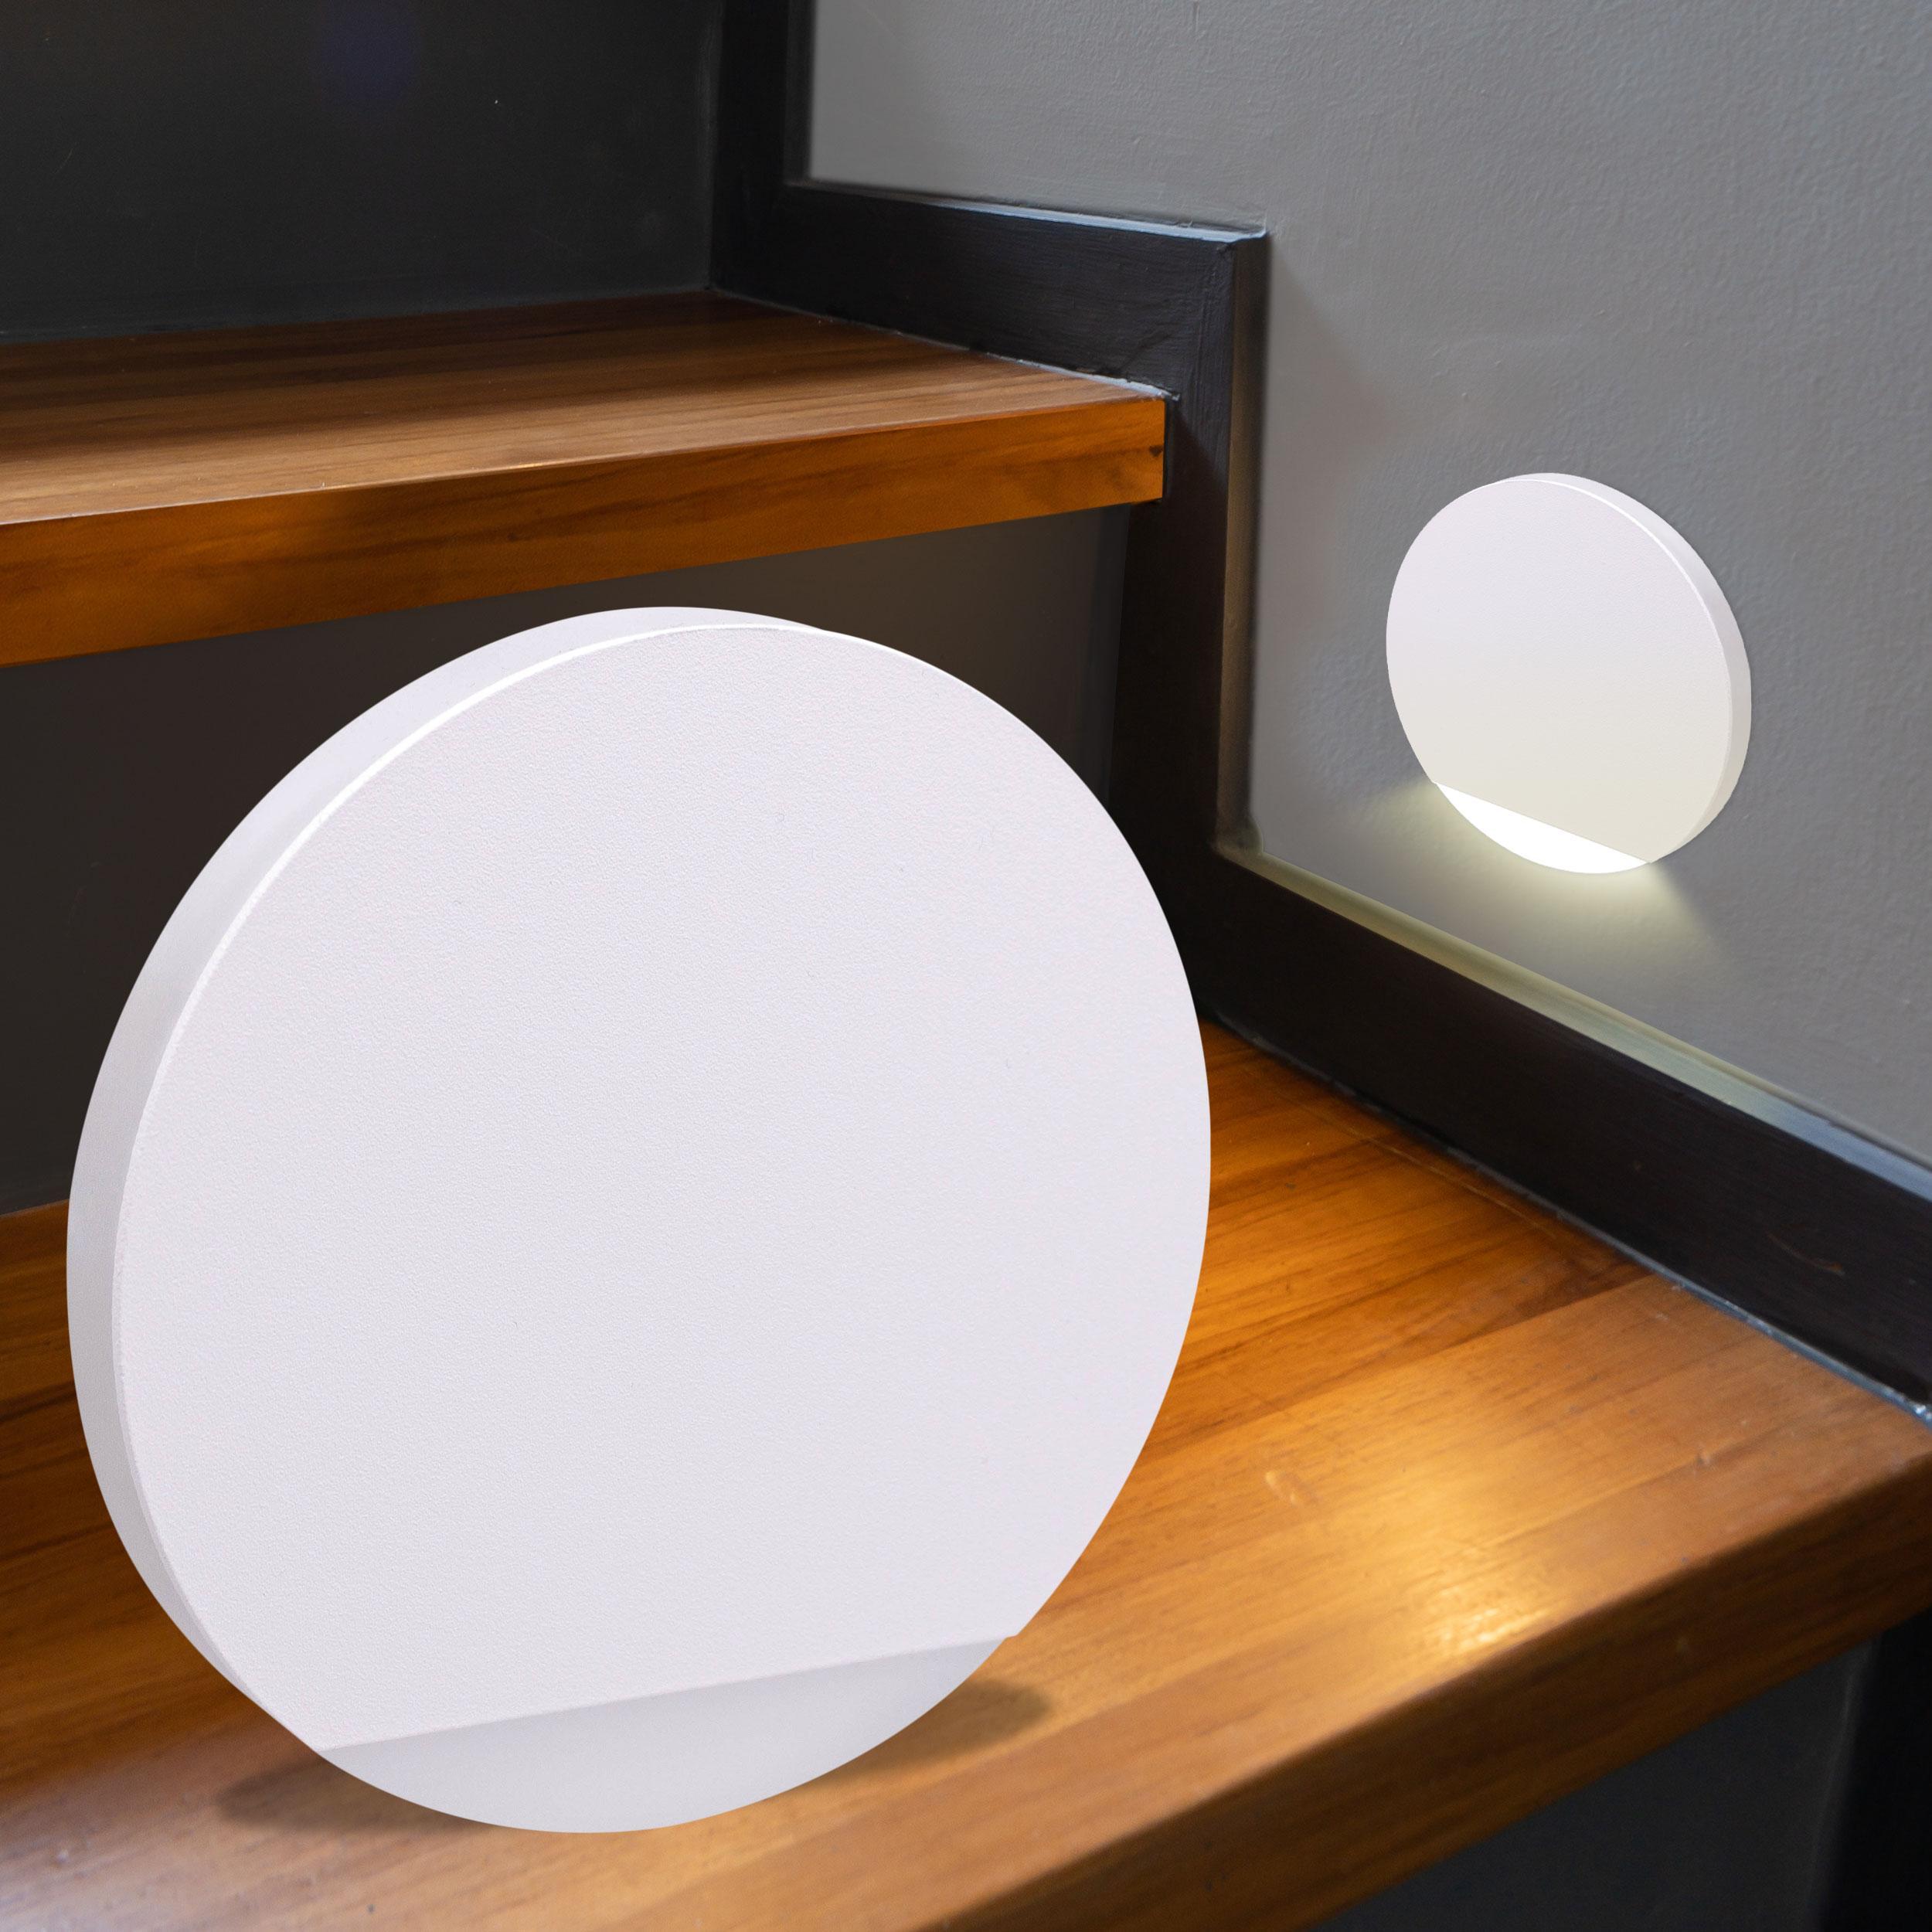 LED Treppenbeleuchtung rund Warmweiß 230V 1.5W weiß Lichtaustritt seitlich&frontal